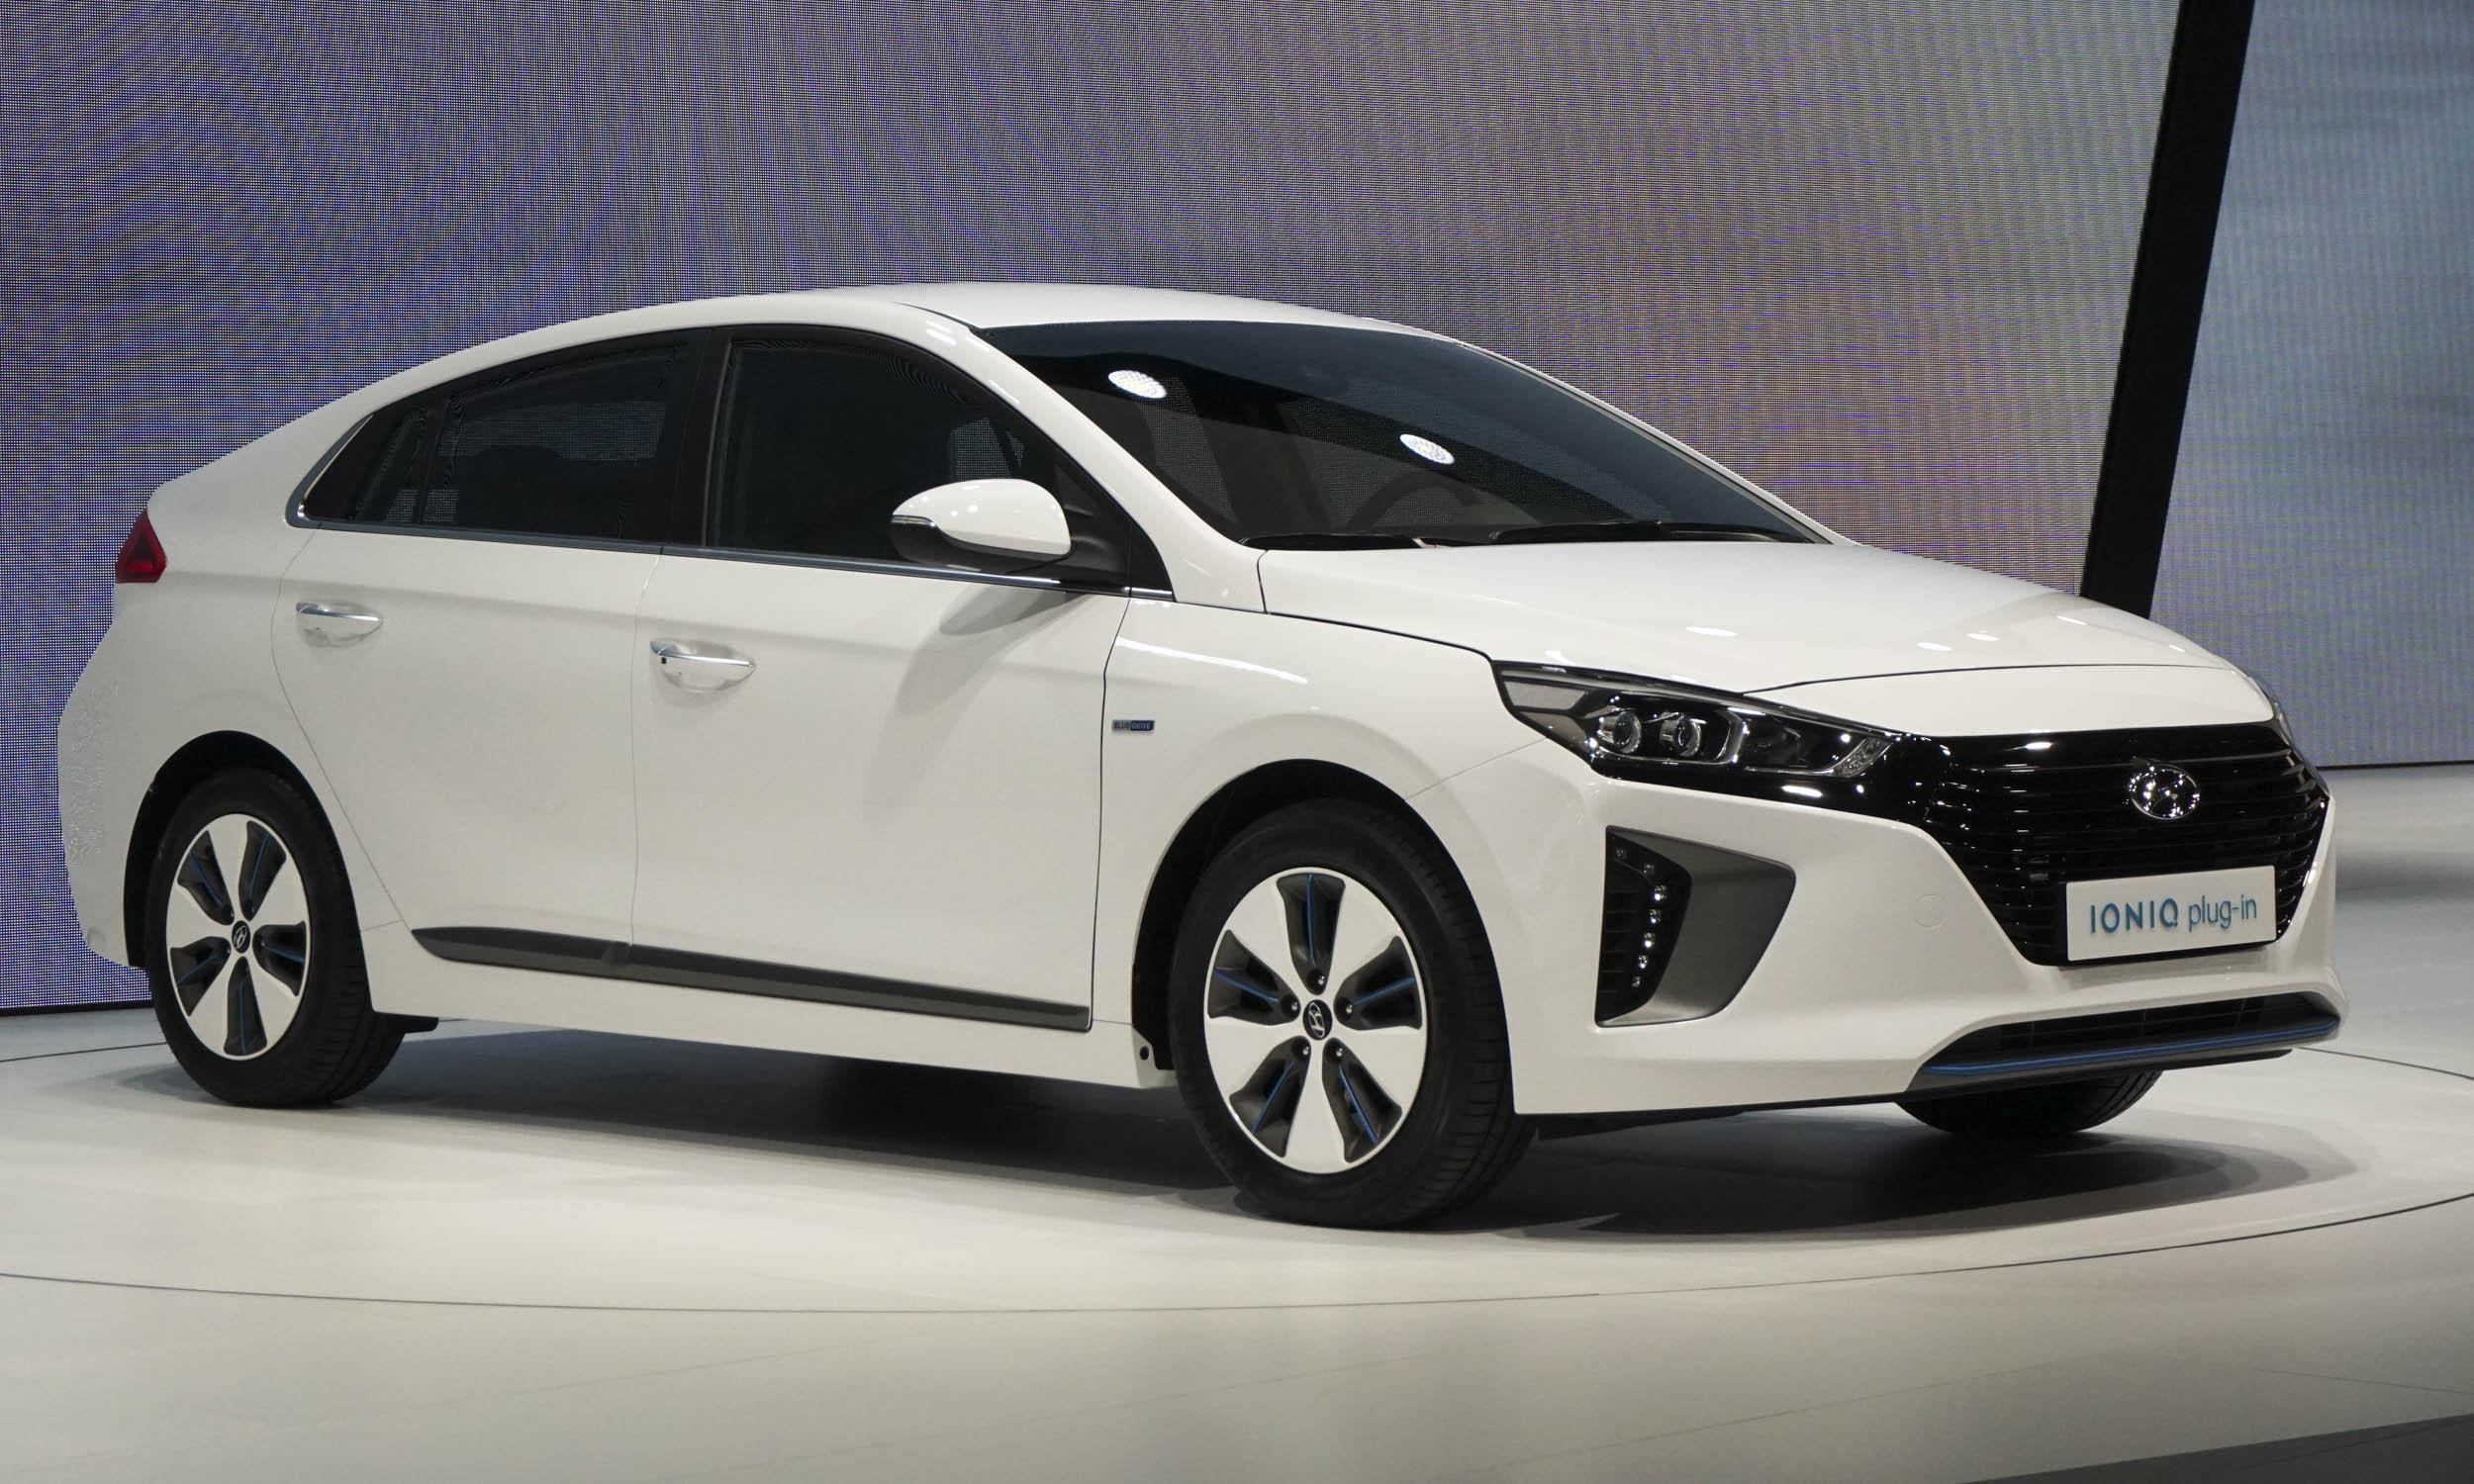 Rate The All New Hyundai Ioniq10 IGN Boards